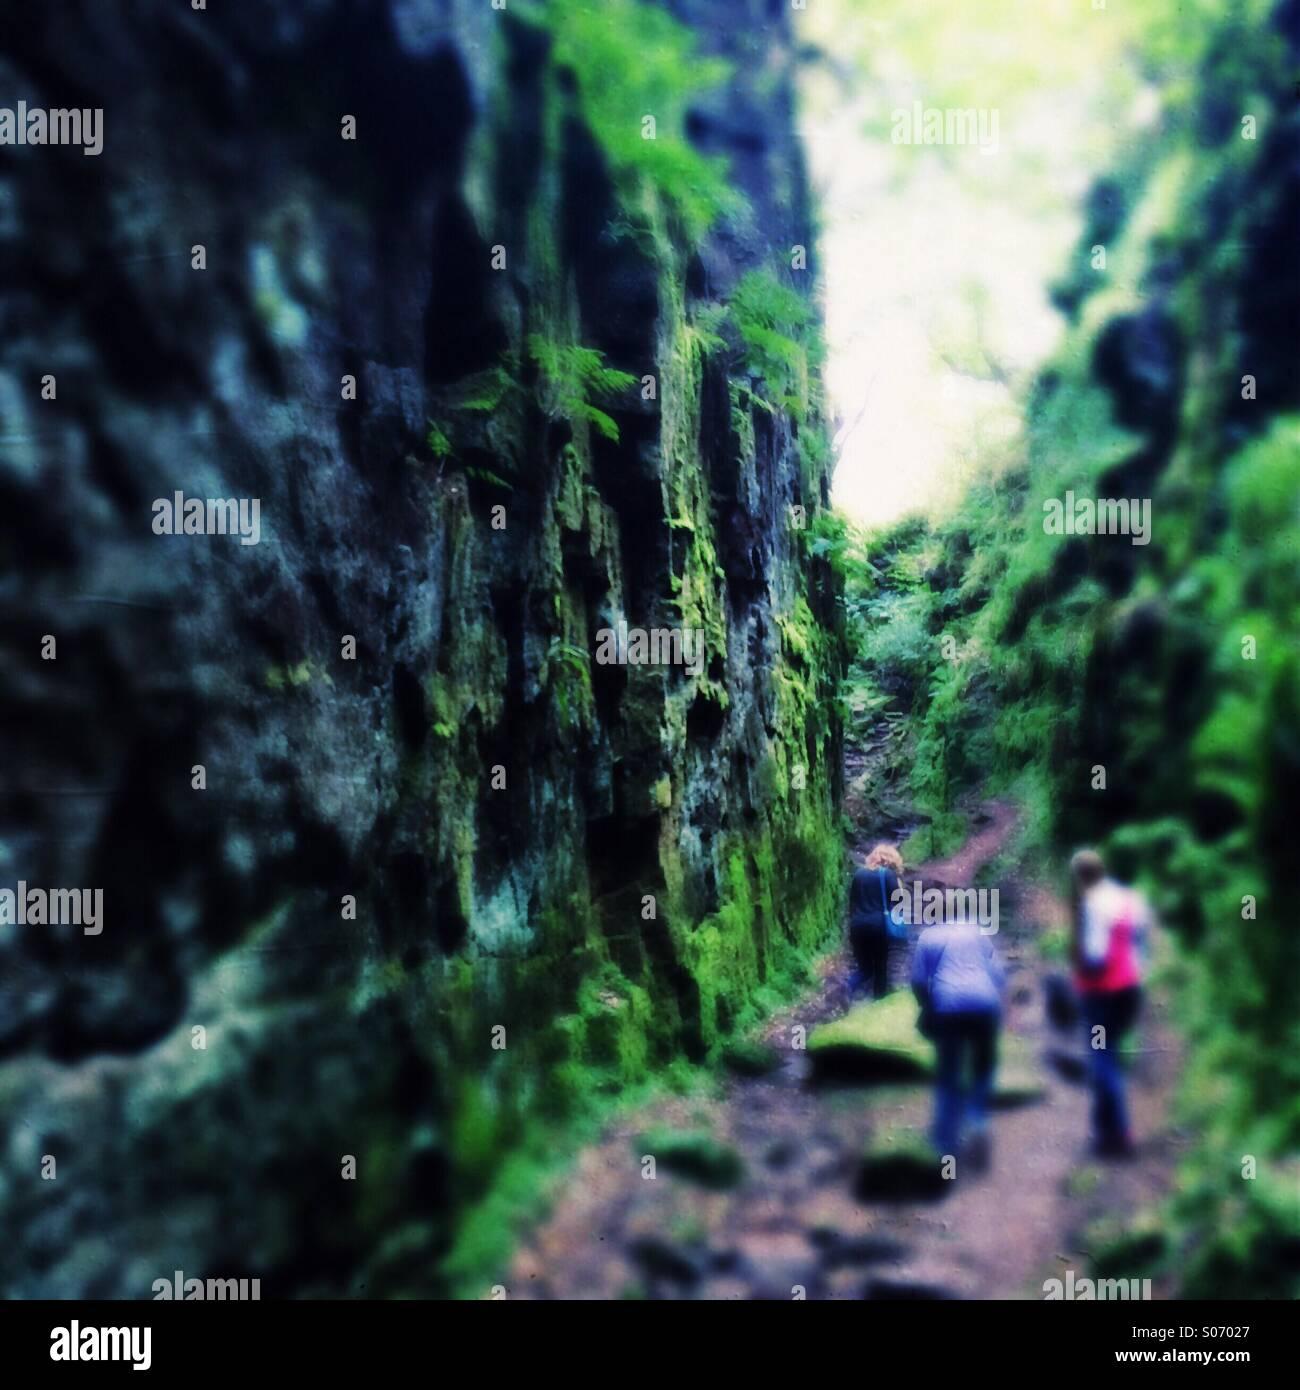 Tre persone in un verde gola rocciosa Immagini Stock